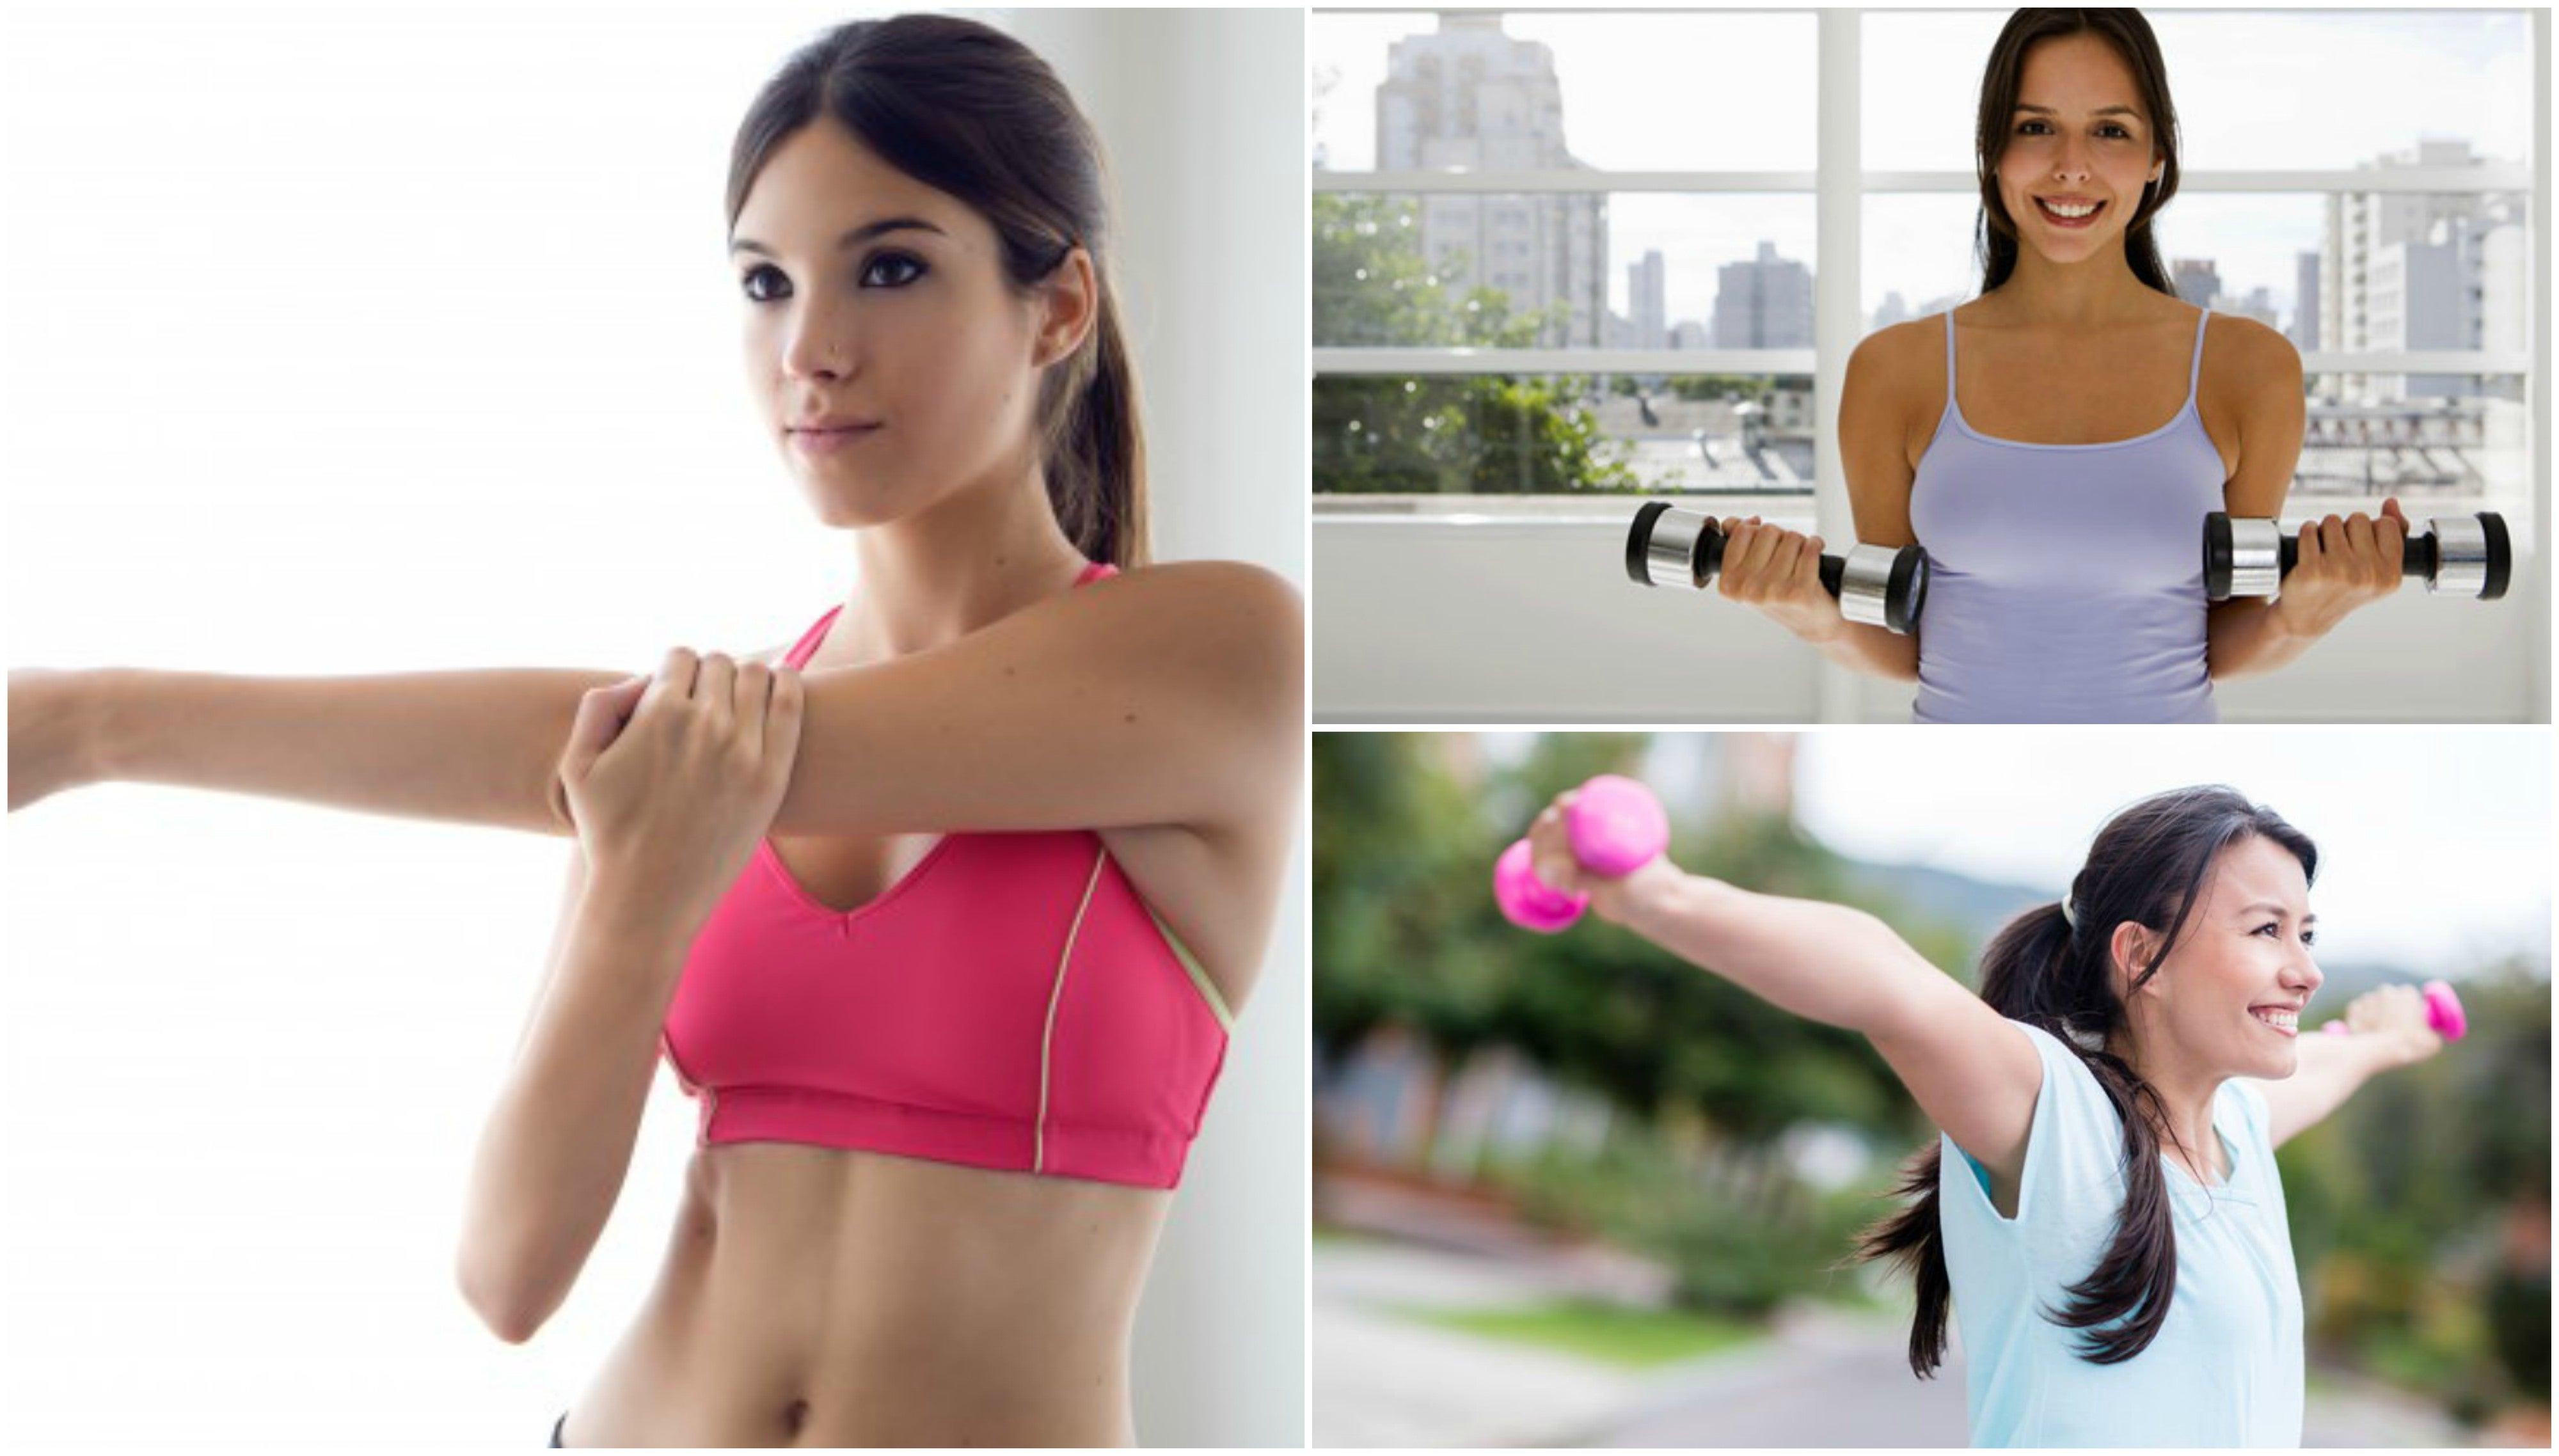 Reafirma el busto de forma natural con 5 sencillos ejercicios